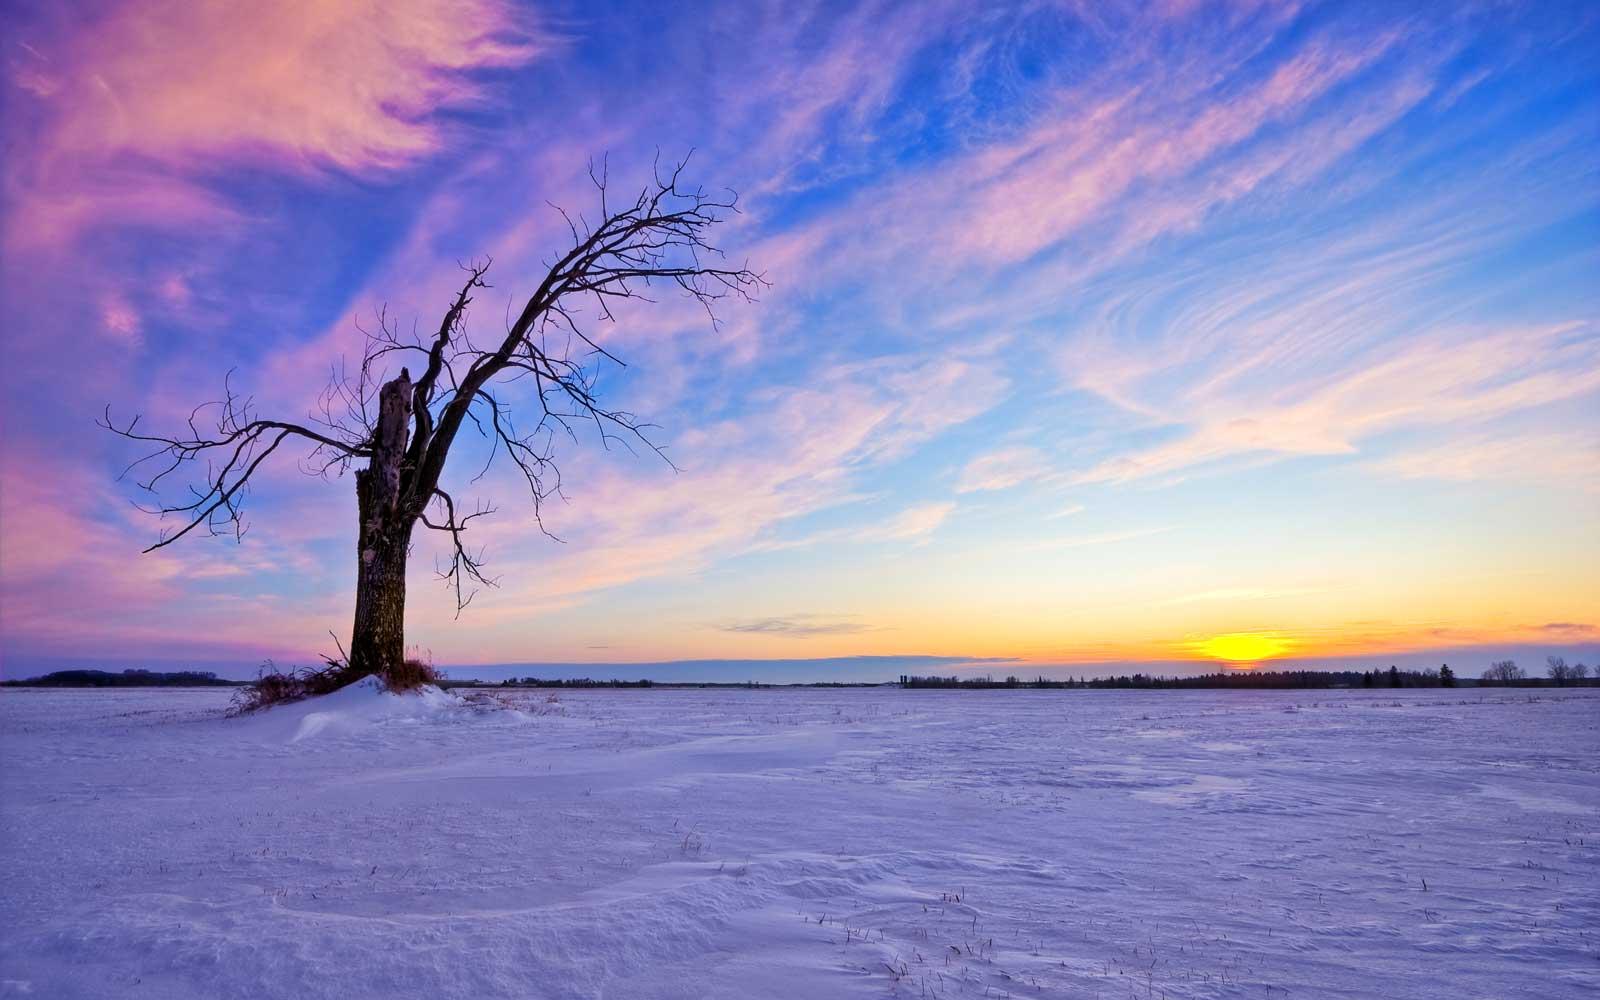 winterland scape